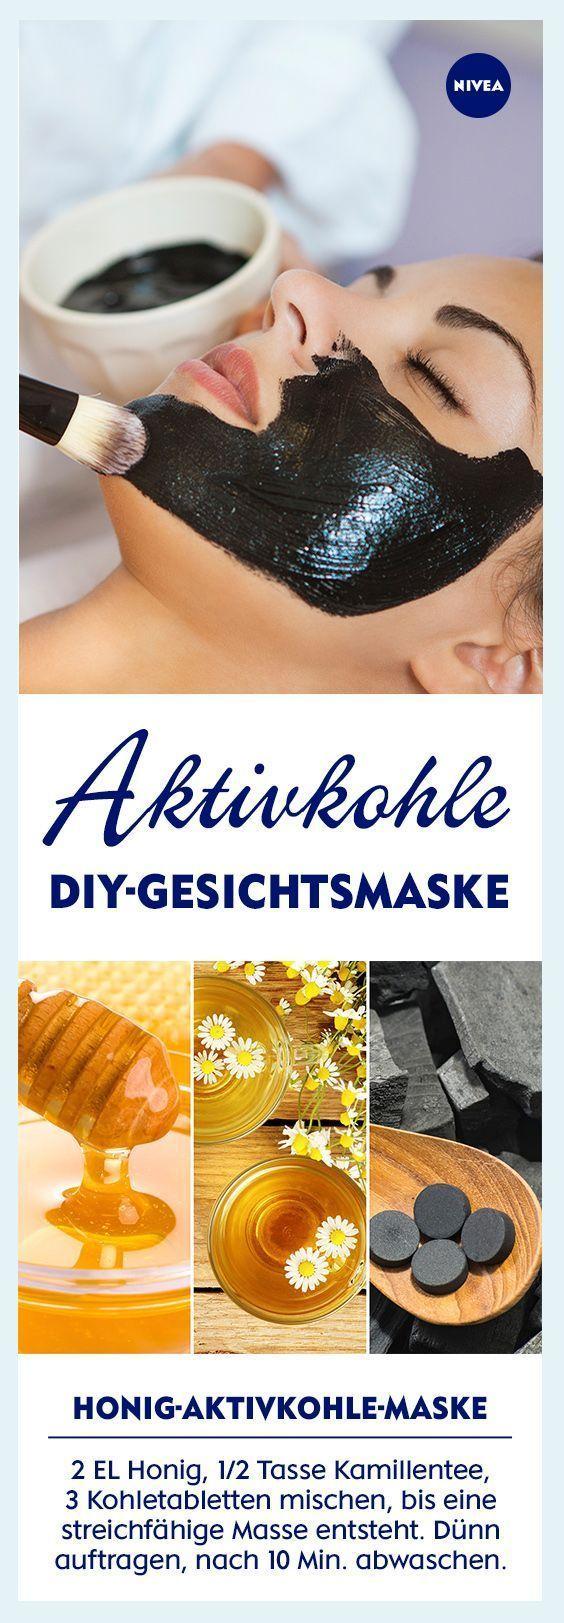 Aktivkohle für die Haut: Tipps zur Anwendung und DIY-Ideen #skintips